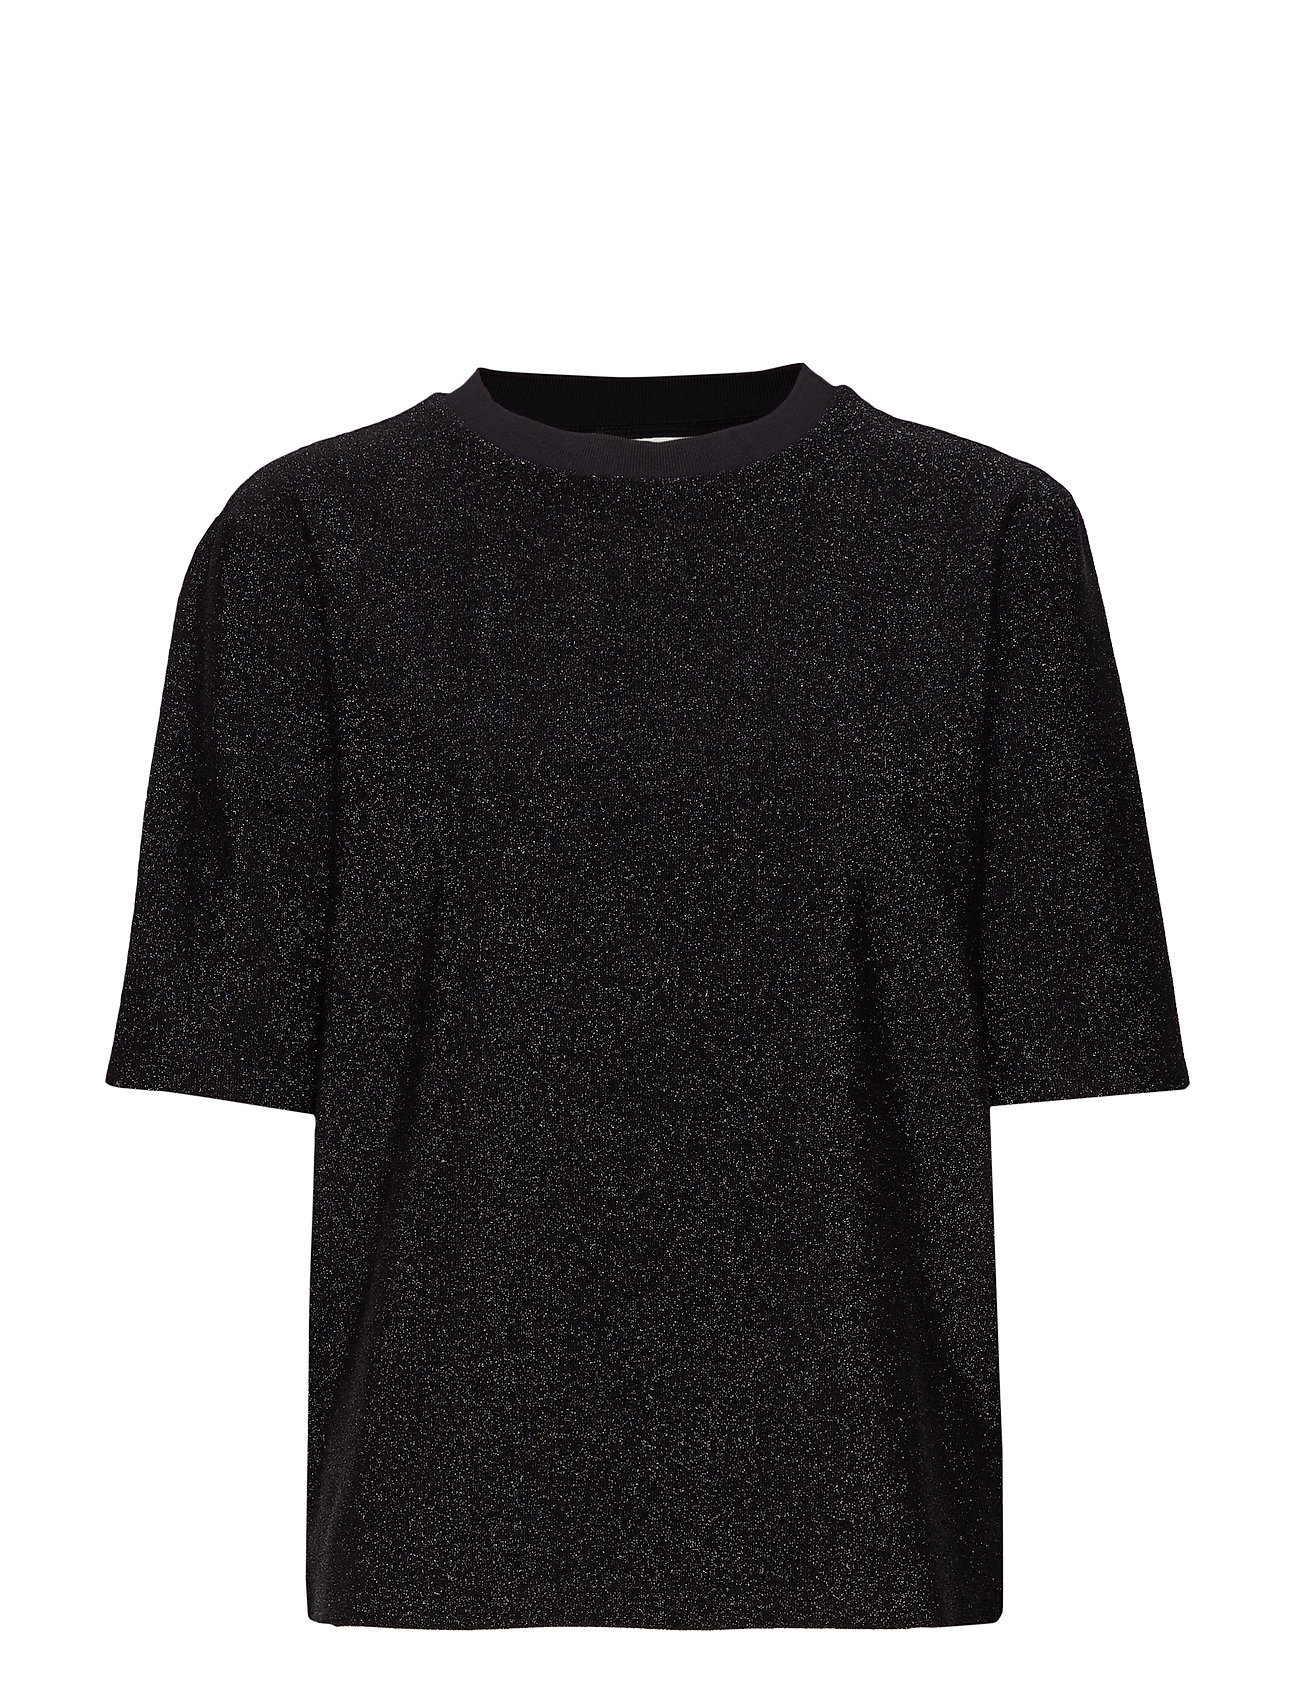 Image of Day Isik T-shirt Top Sort Day Birger Et Mikkelsen (3210820017)